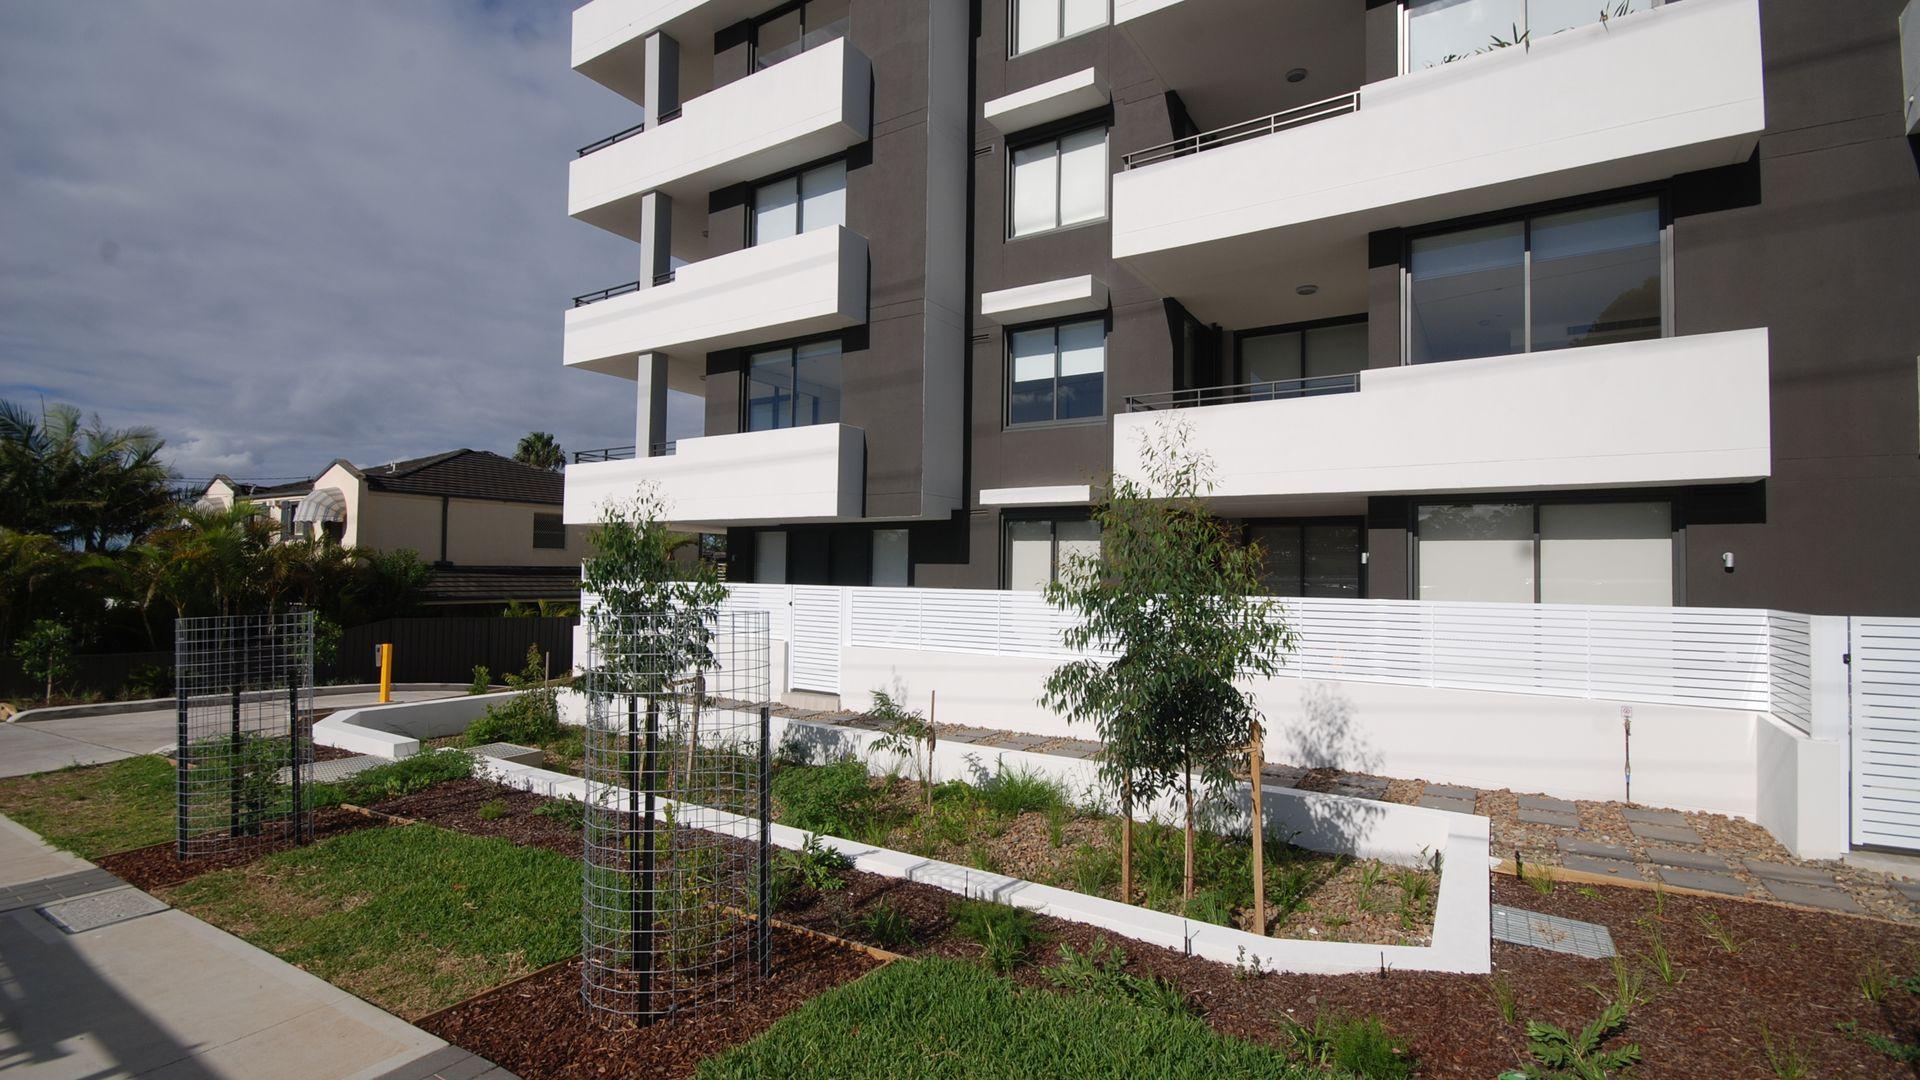 128 - 136 Willarong Road, Caringbah NSW 2229, Image 1